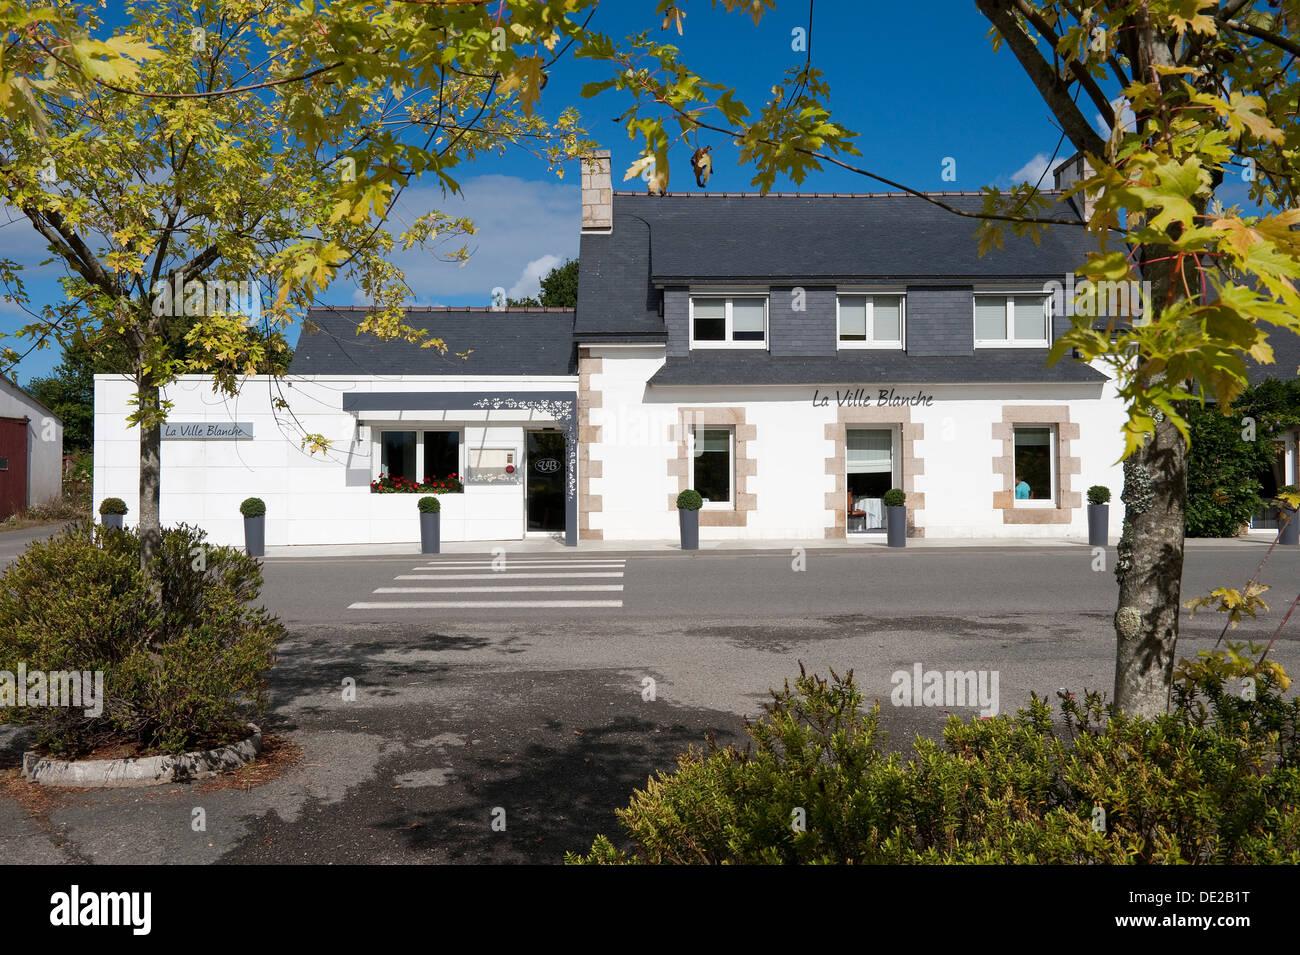 La Ville Blanche Stock Photos & La Ville Blanche Stock Images - Alamy